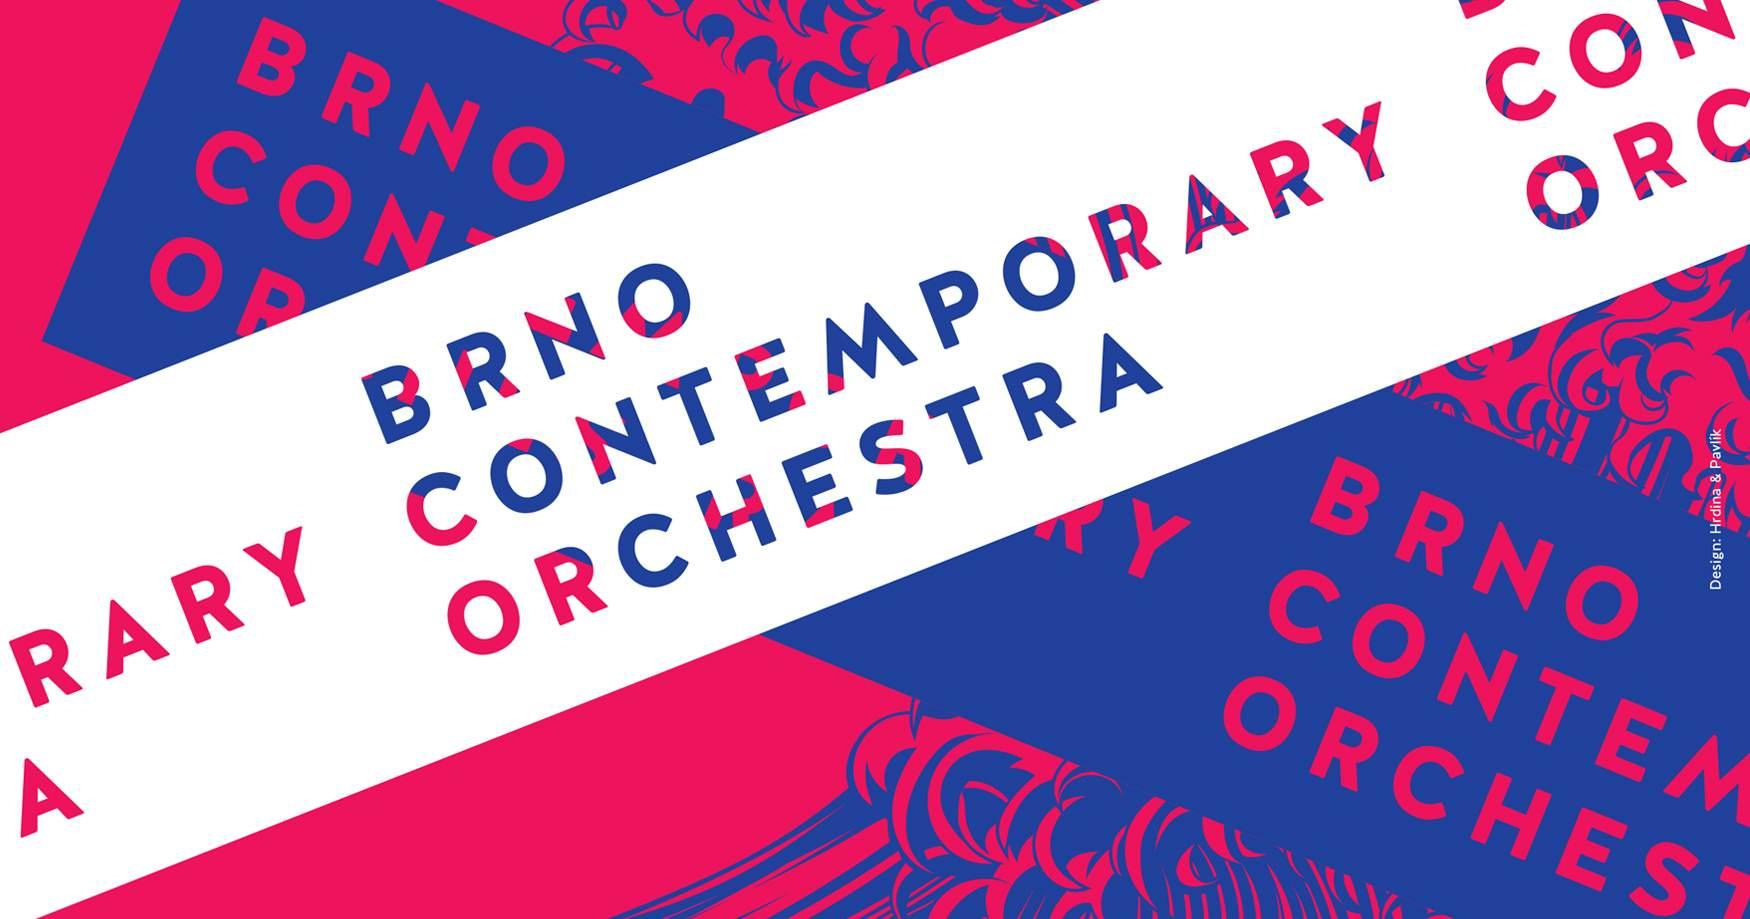 Brno Contemporary Orchestra live stream event